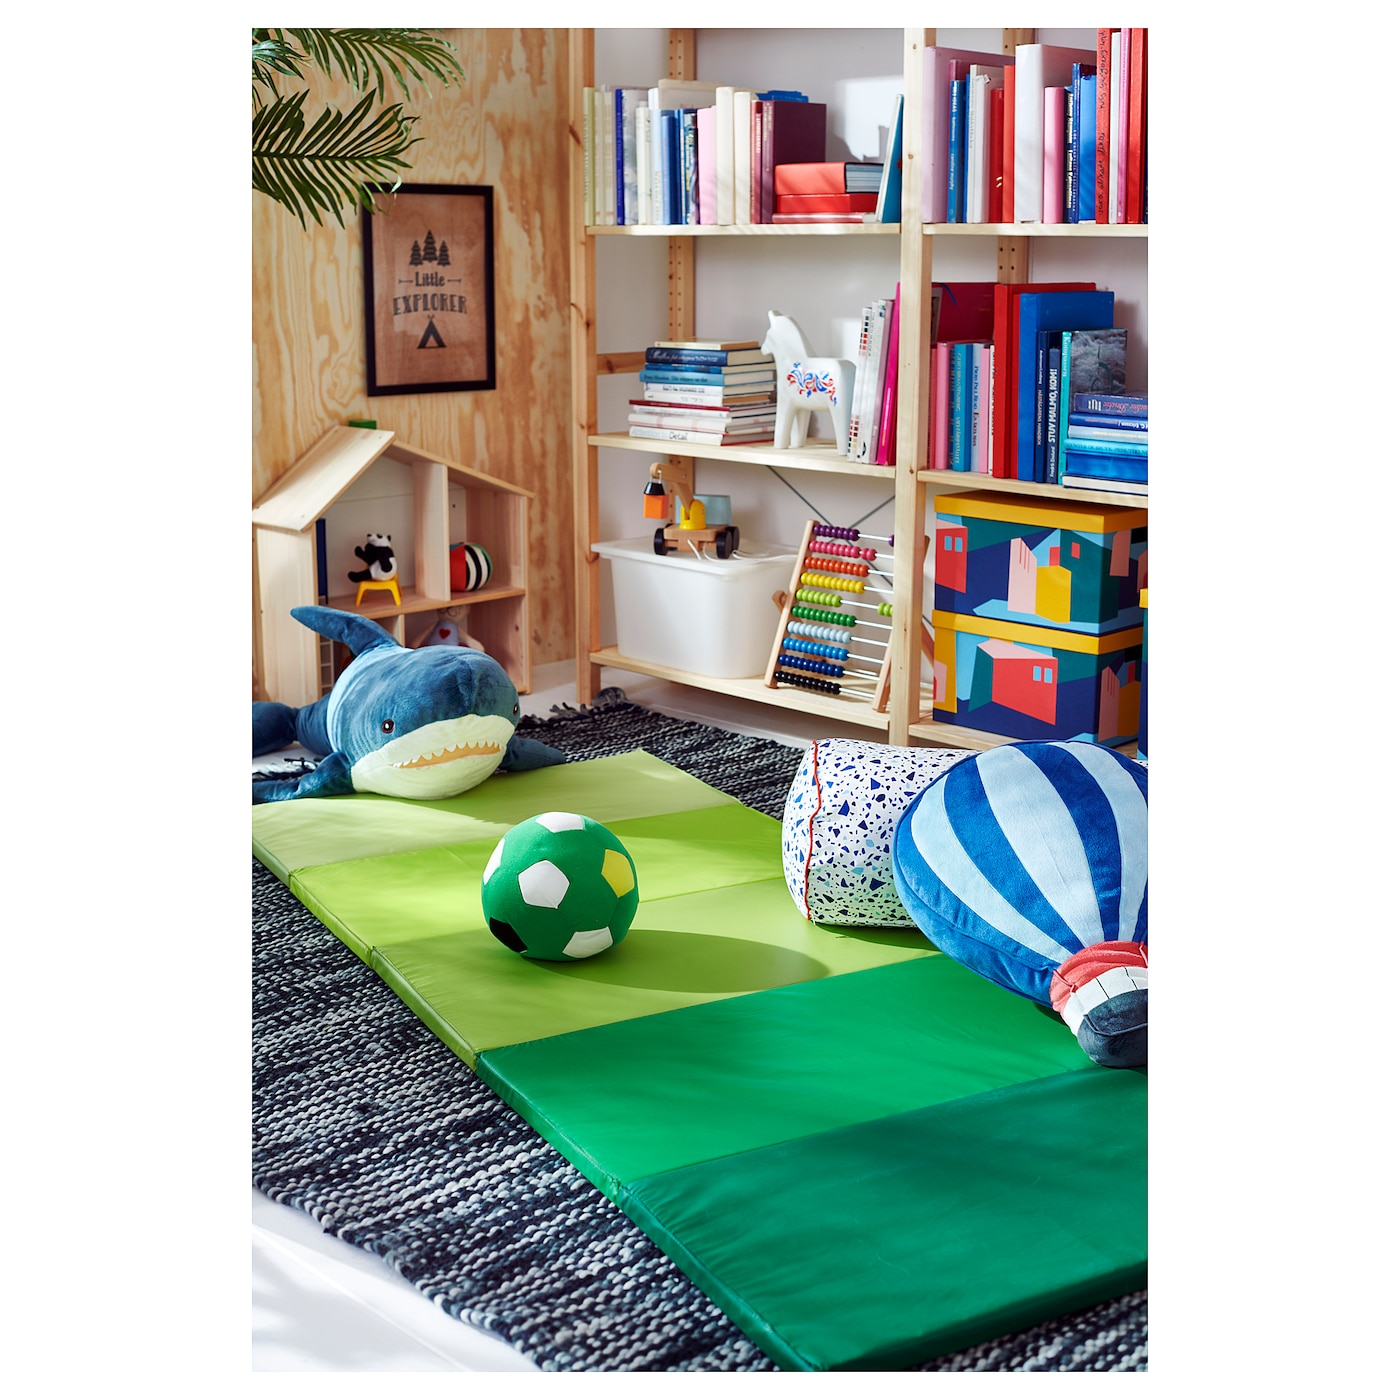 PLUFSIG Összehajtható tornaszőnyeg, zöld, 78x185 cm